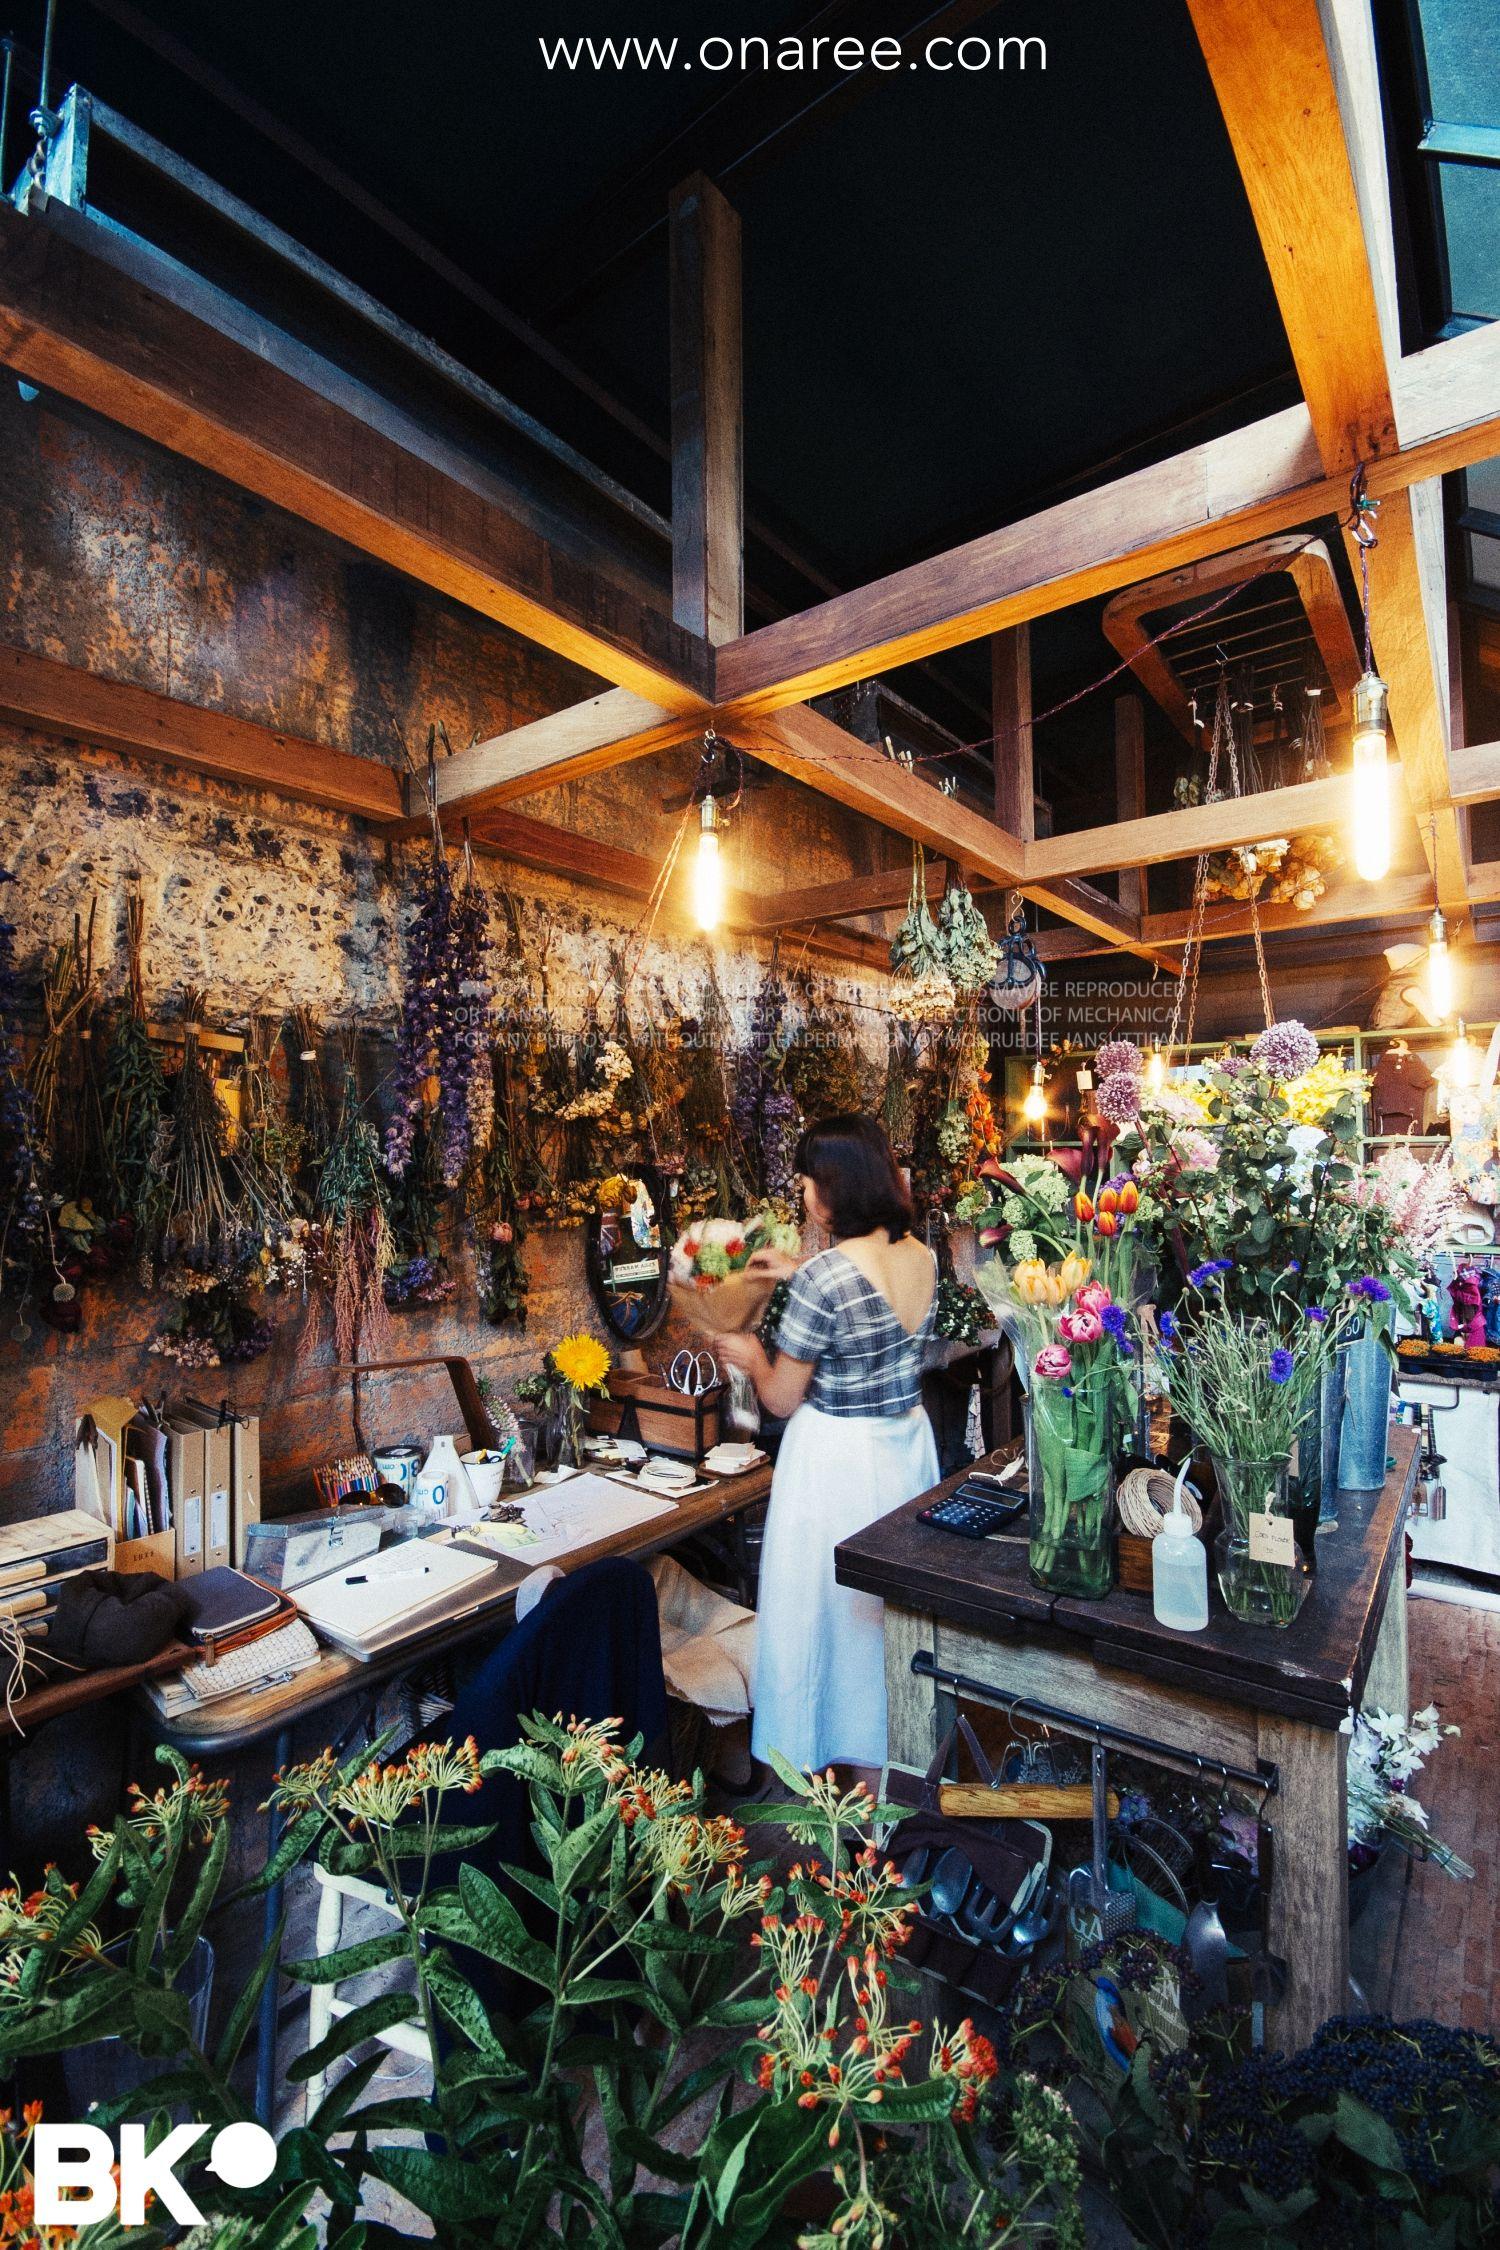 Oneday wallflowers the beautiful flower shop at casa lapin x26 on oneday wallflowers the beautiful flower shop at casa lapin x26 on sukhumvit 26 bangkok publisher bk magazine bkmagazine photographer onaree izmirmasajfo